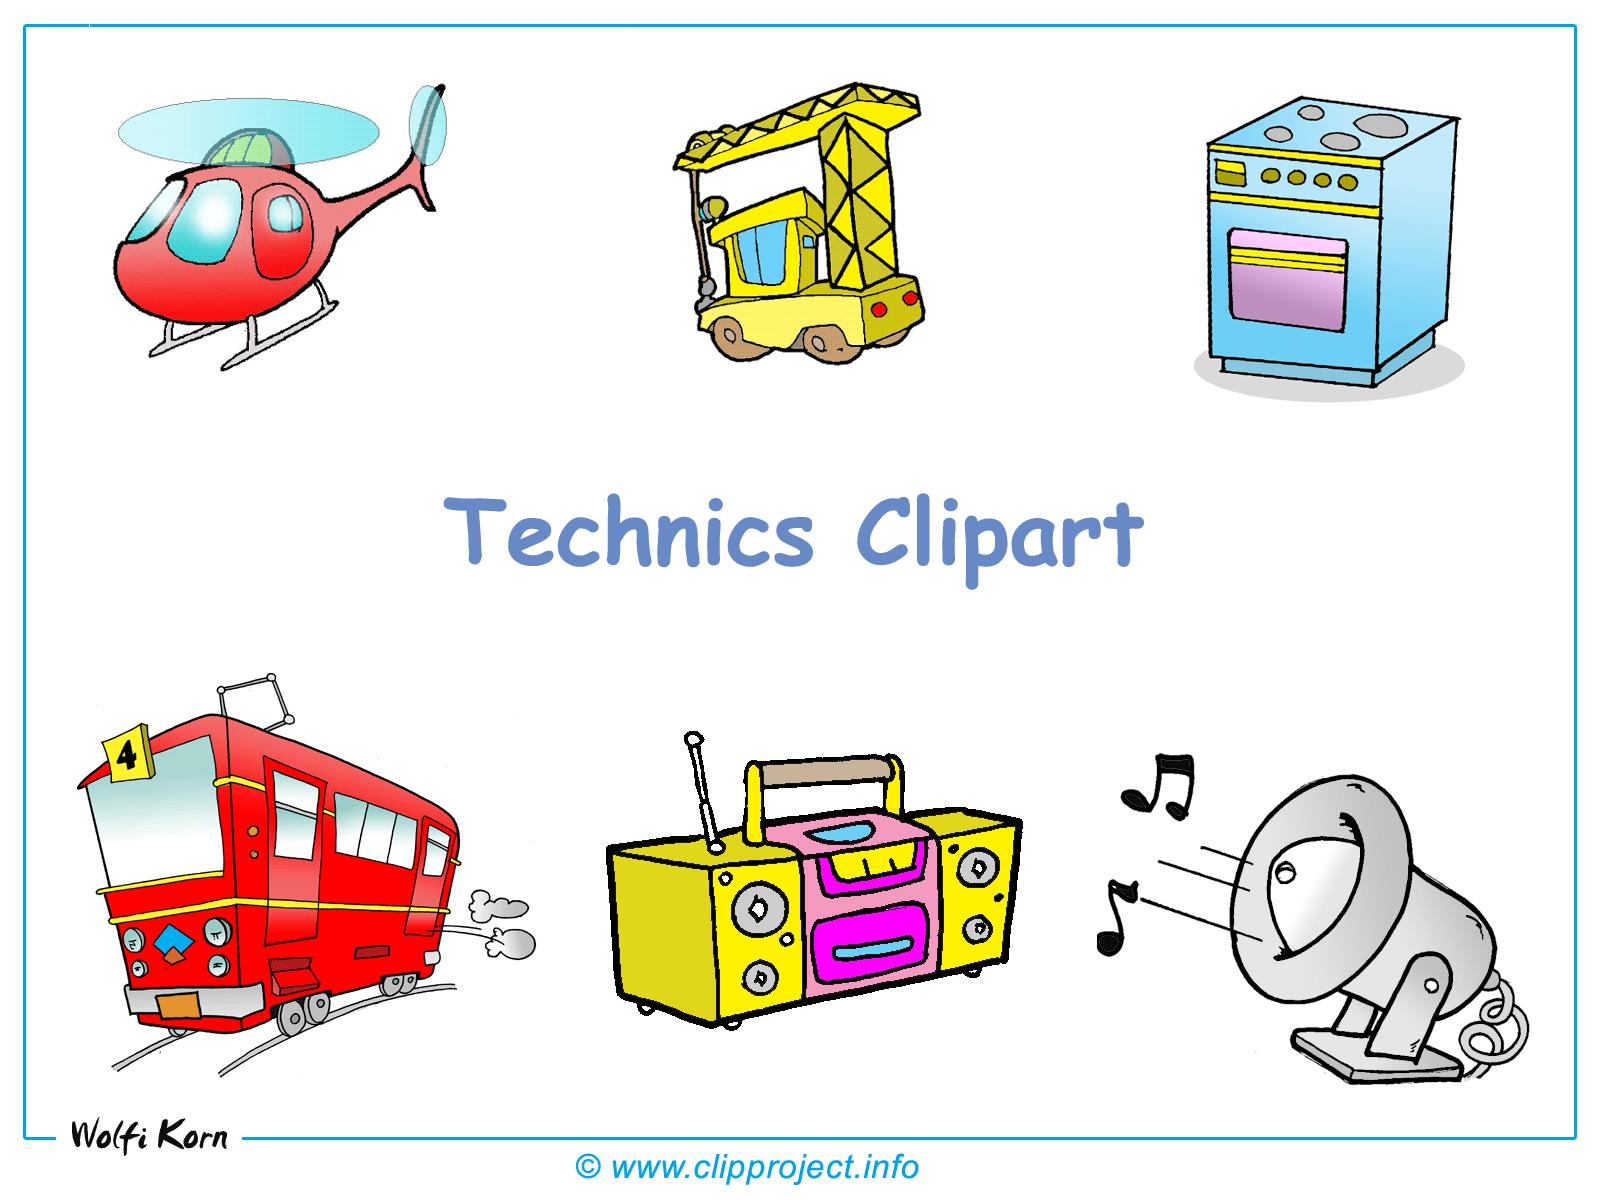 Technics clipart Images Wallpaper free Technics Clipart